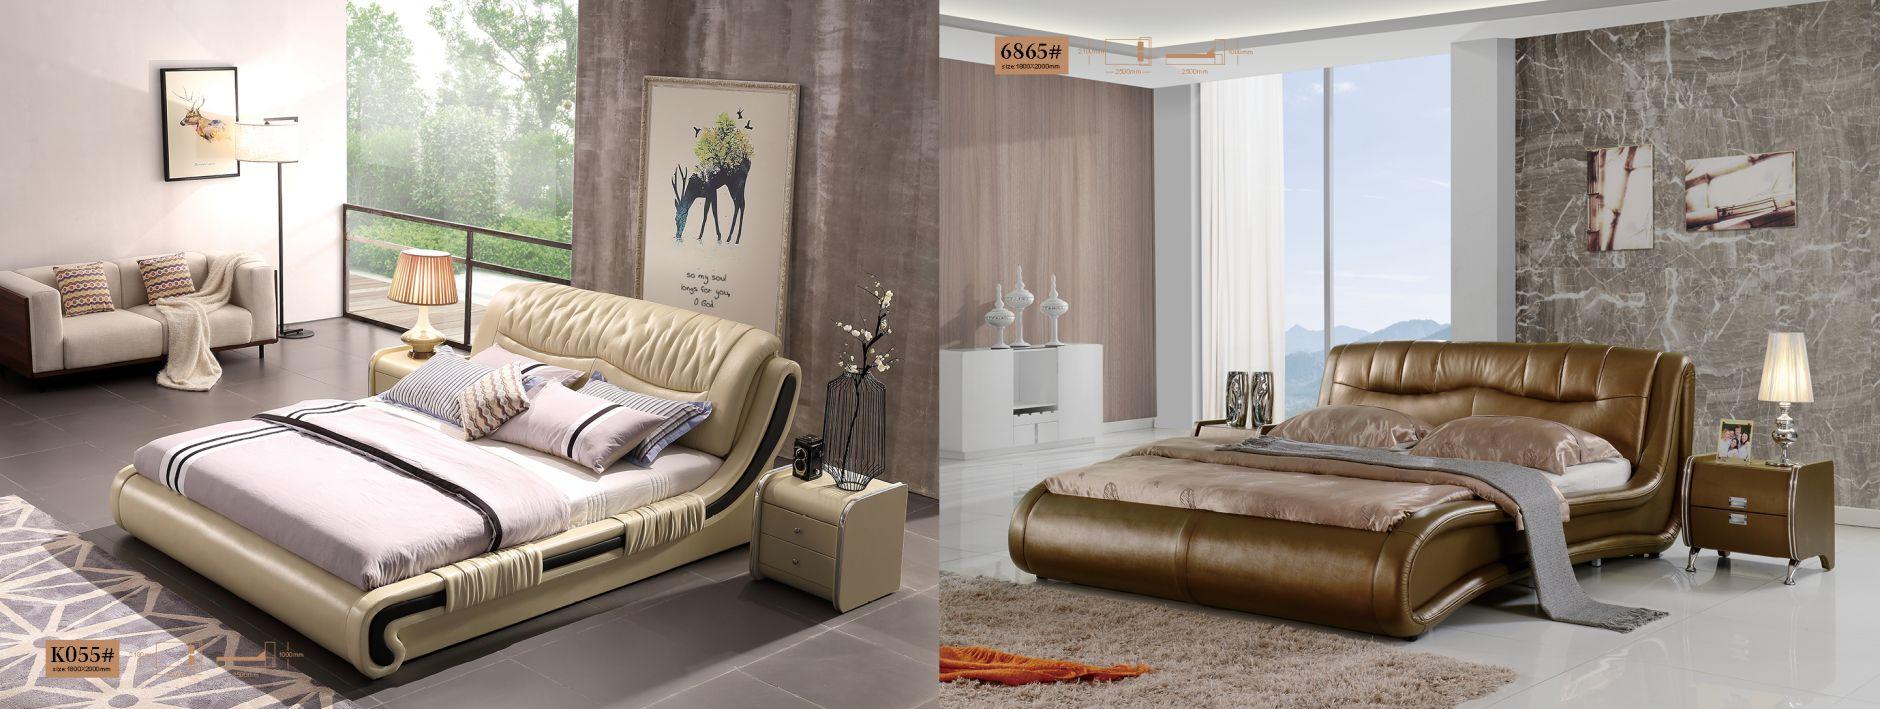 Chambre à coucher en cuir - Chambre à coucher modèle k055 et ...